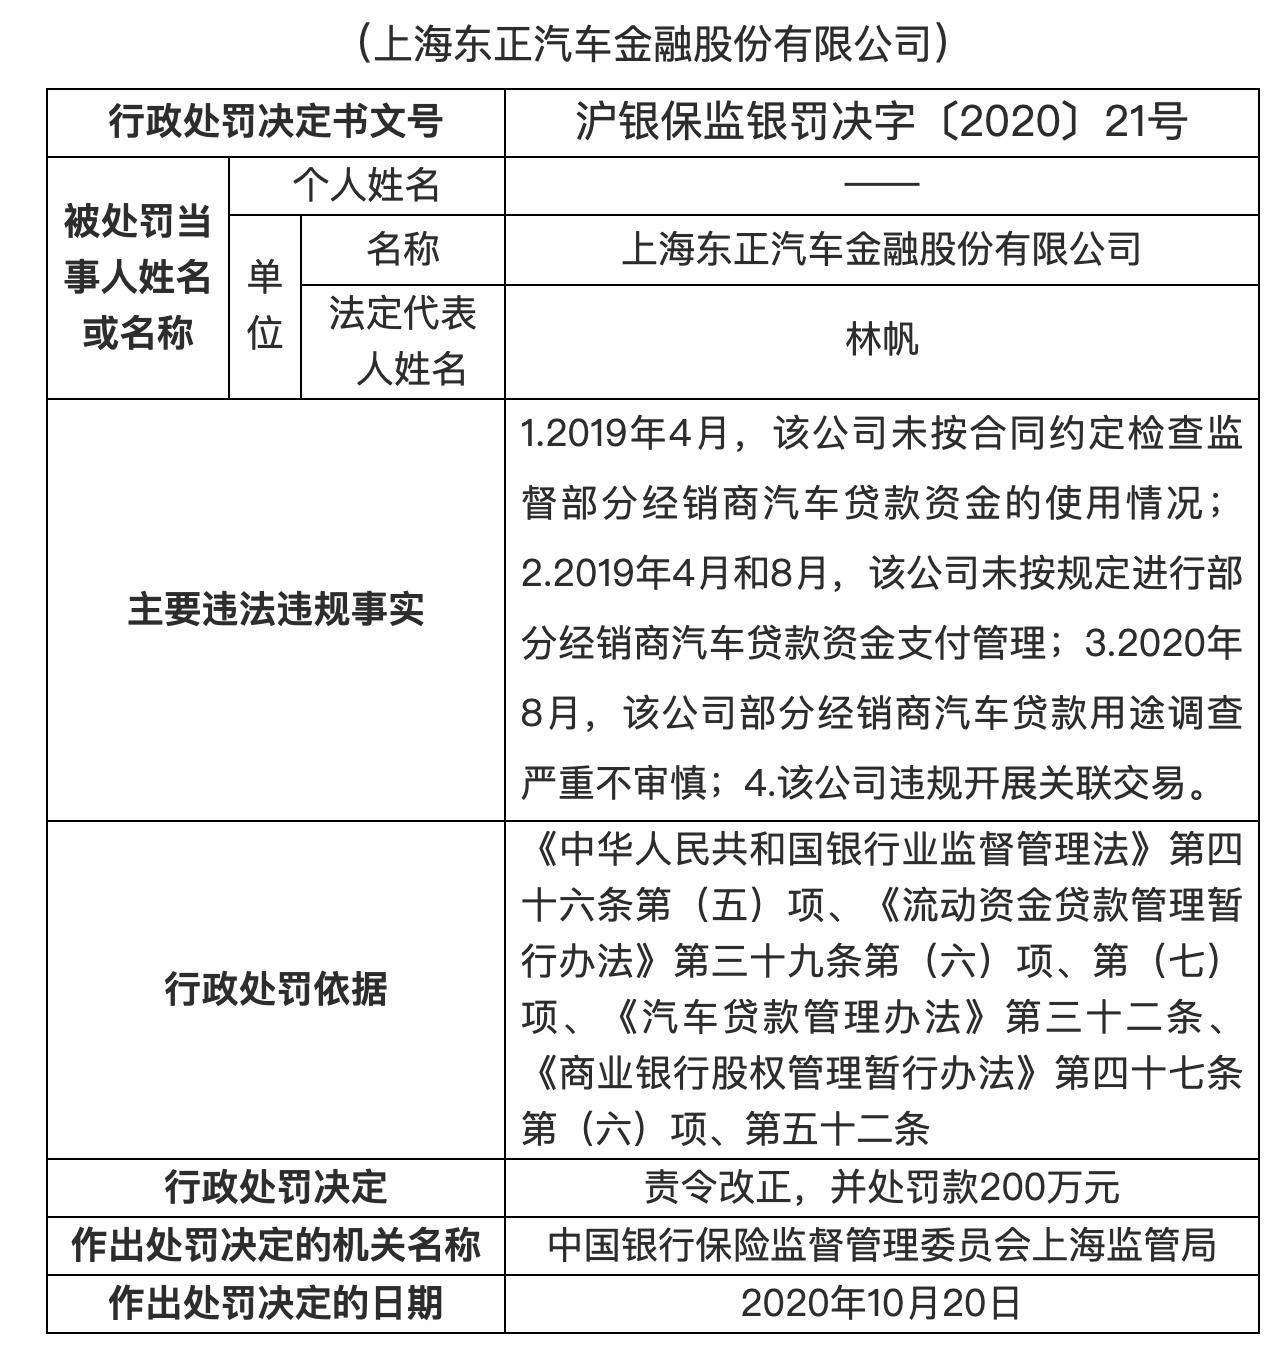 东正汽车金融被罚200万:部分经销商汽车贷款用途调查严重不审慎